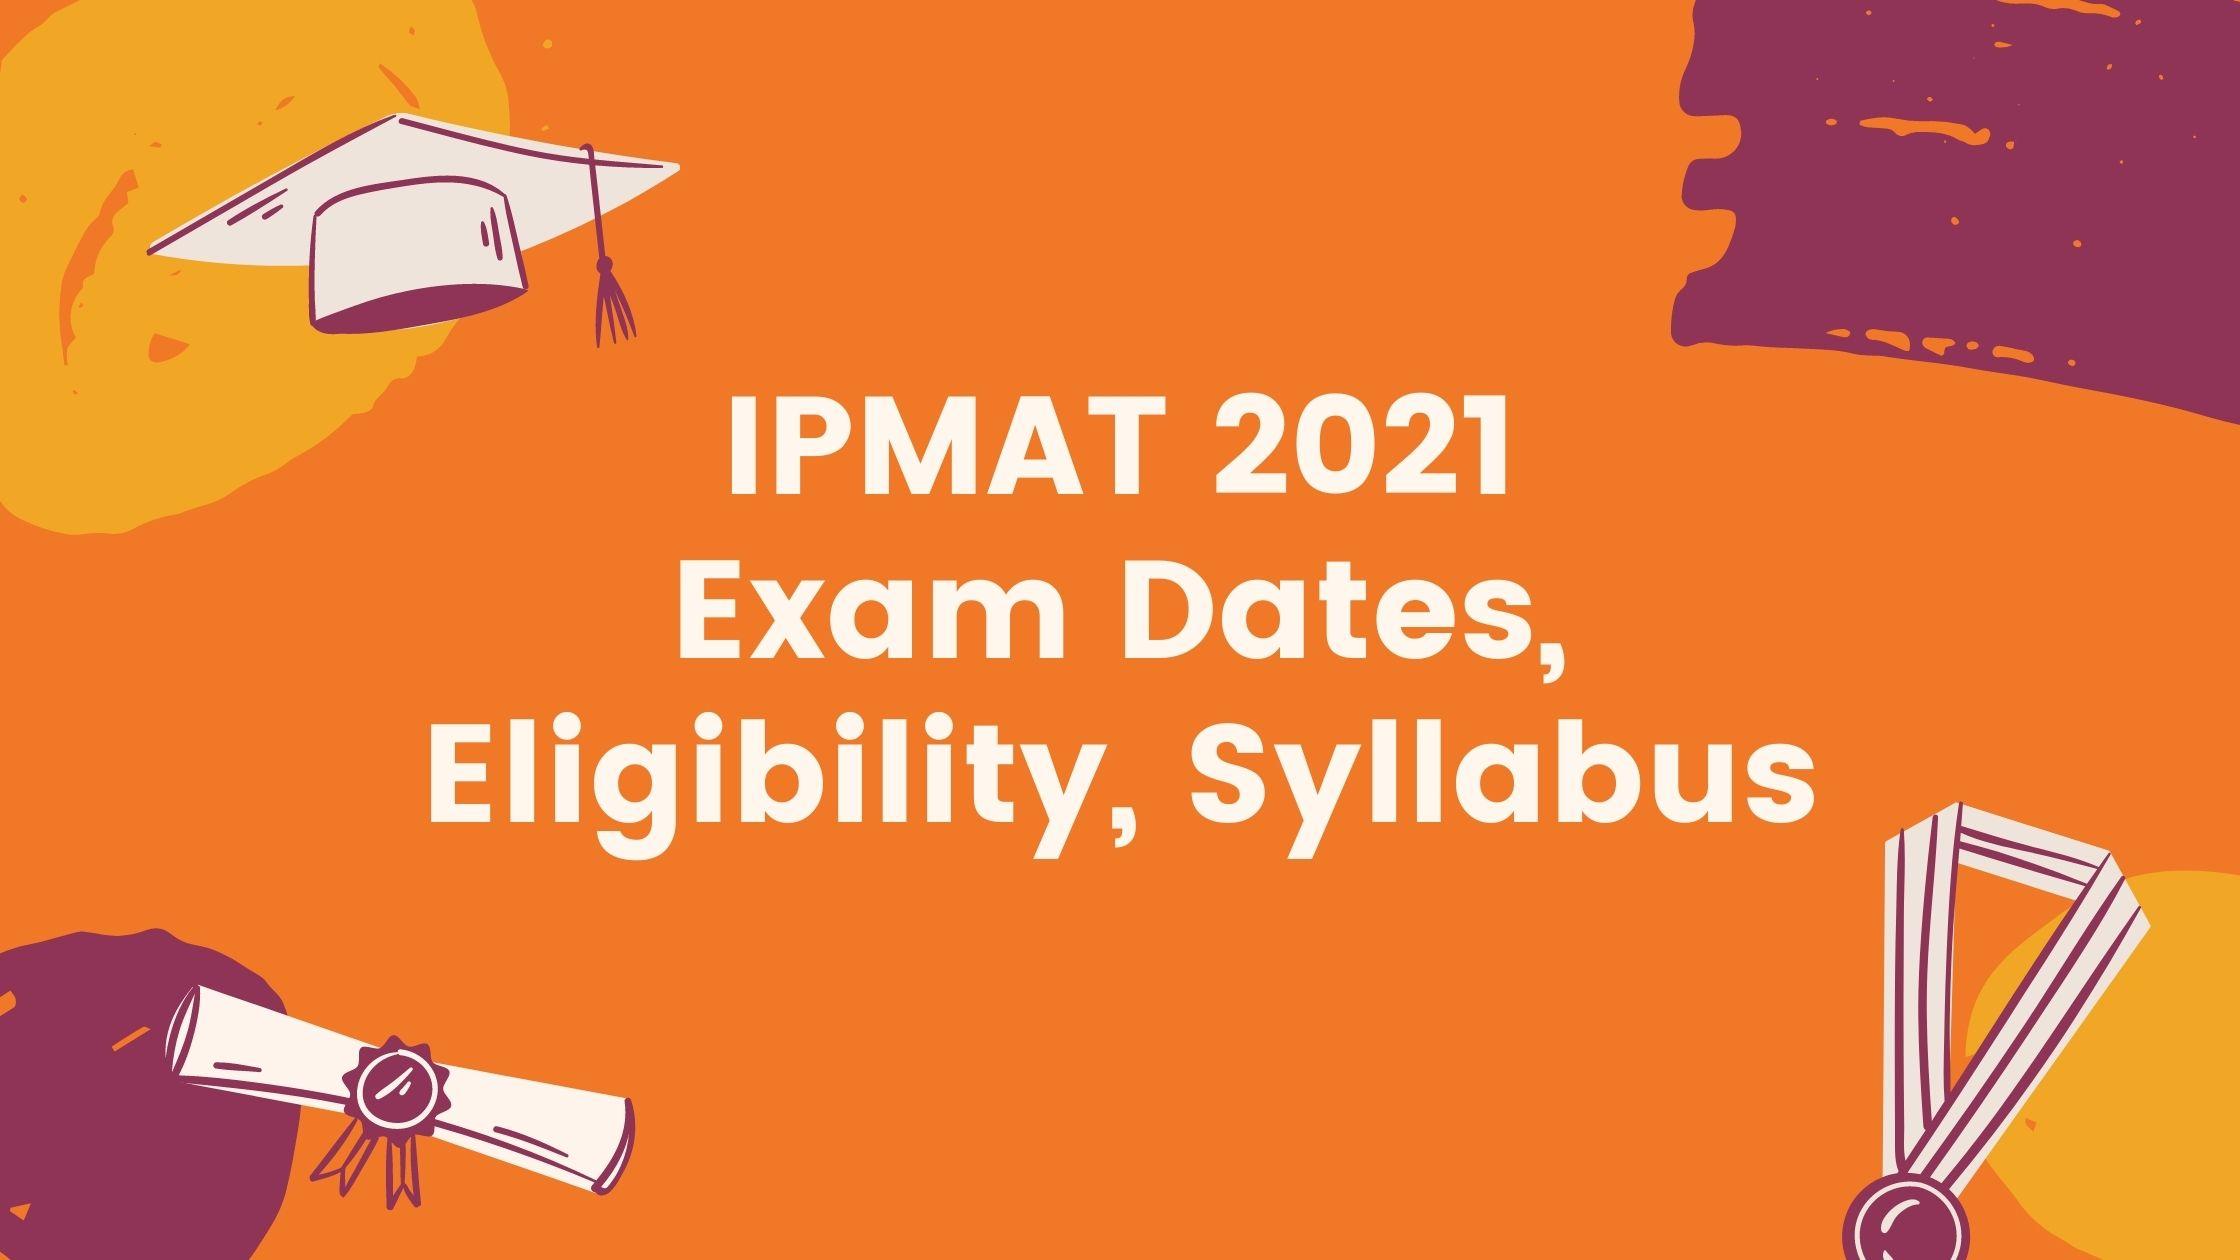 IPMAT Exam 2021, IPMAT Exam Dates, Eligibility, IPMAT Syllabus, IPMAT 2021